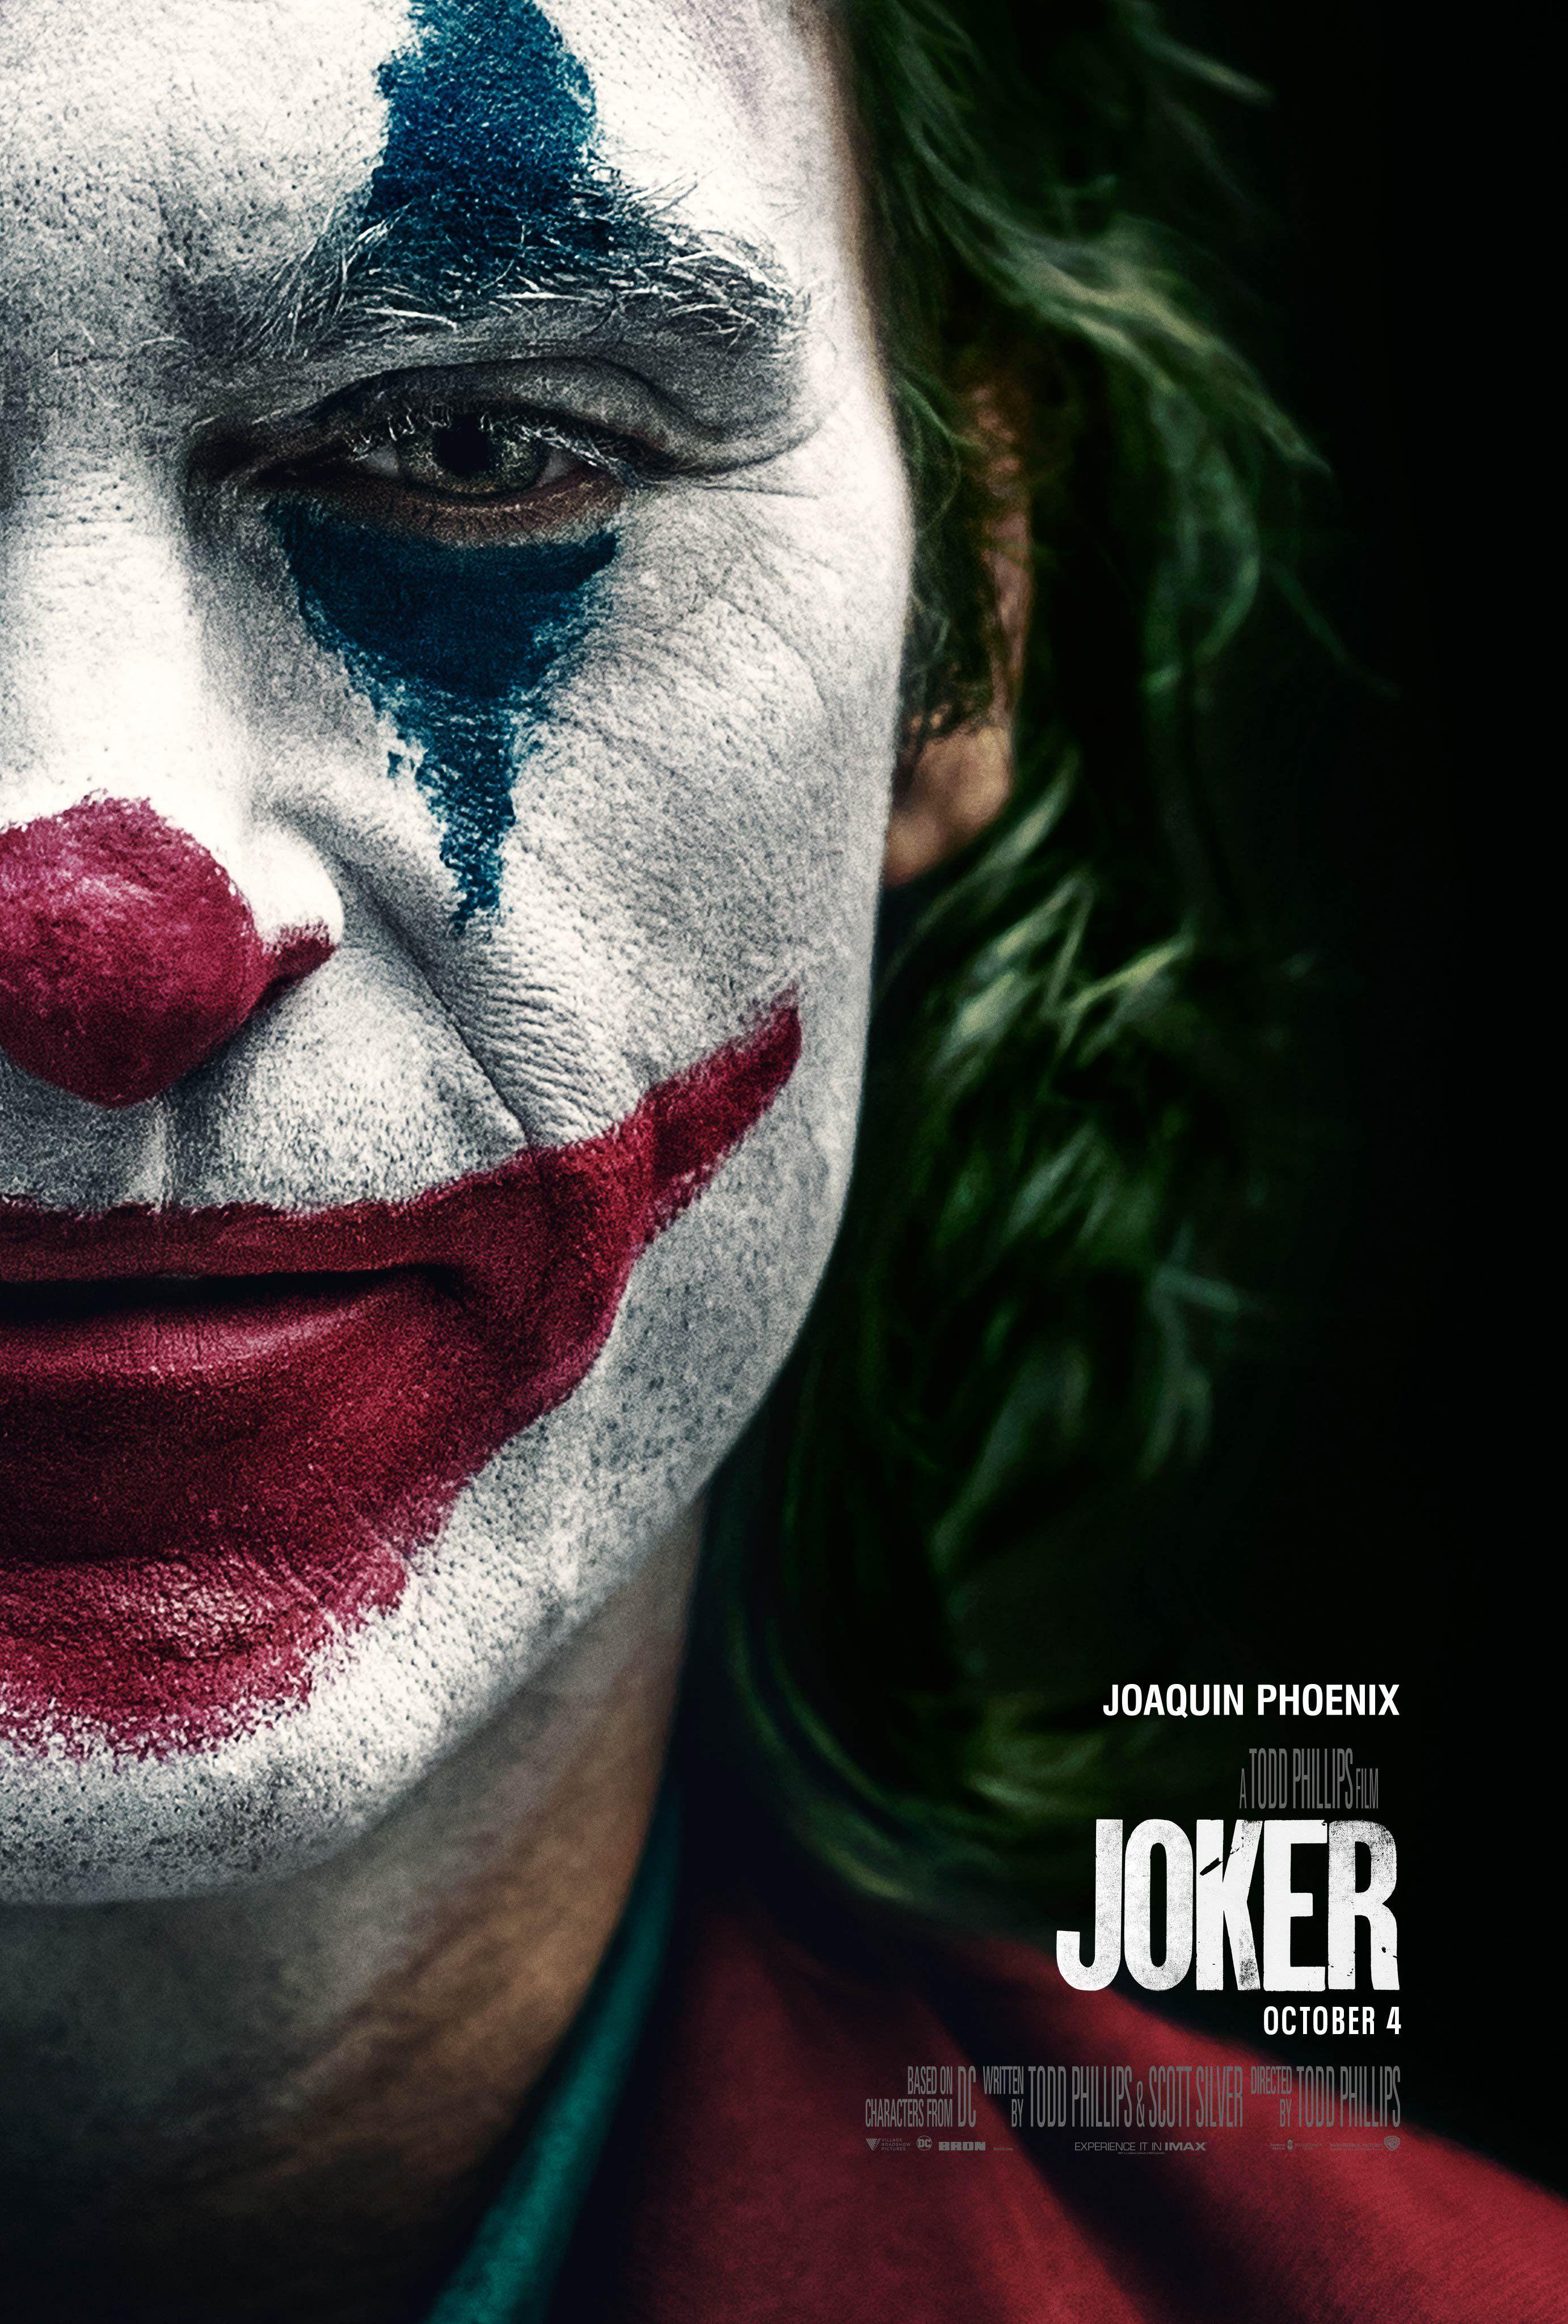 Joker 2019 2764 4096 Fotos Do Joker Filme Do Coringa Joker